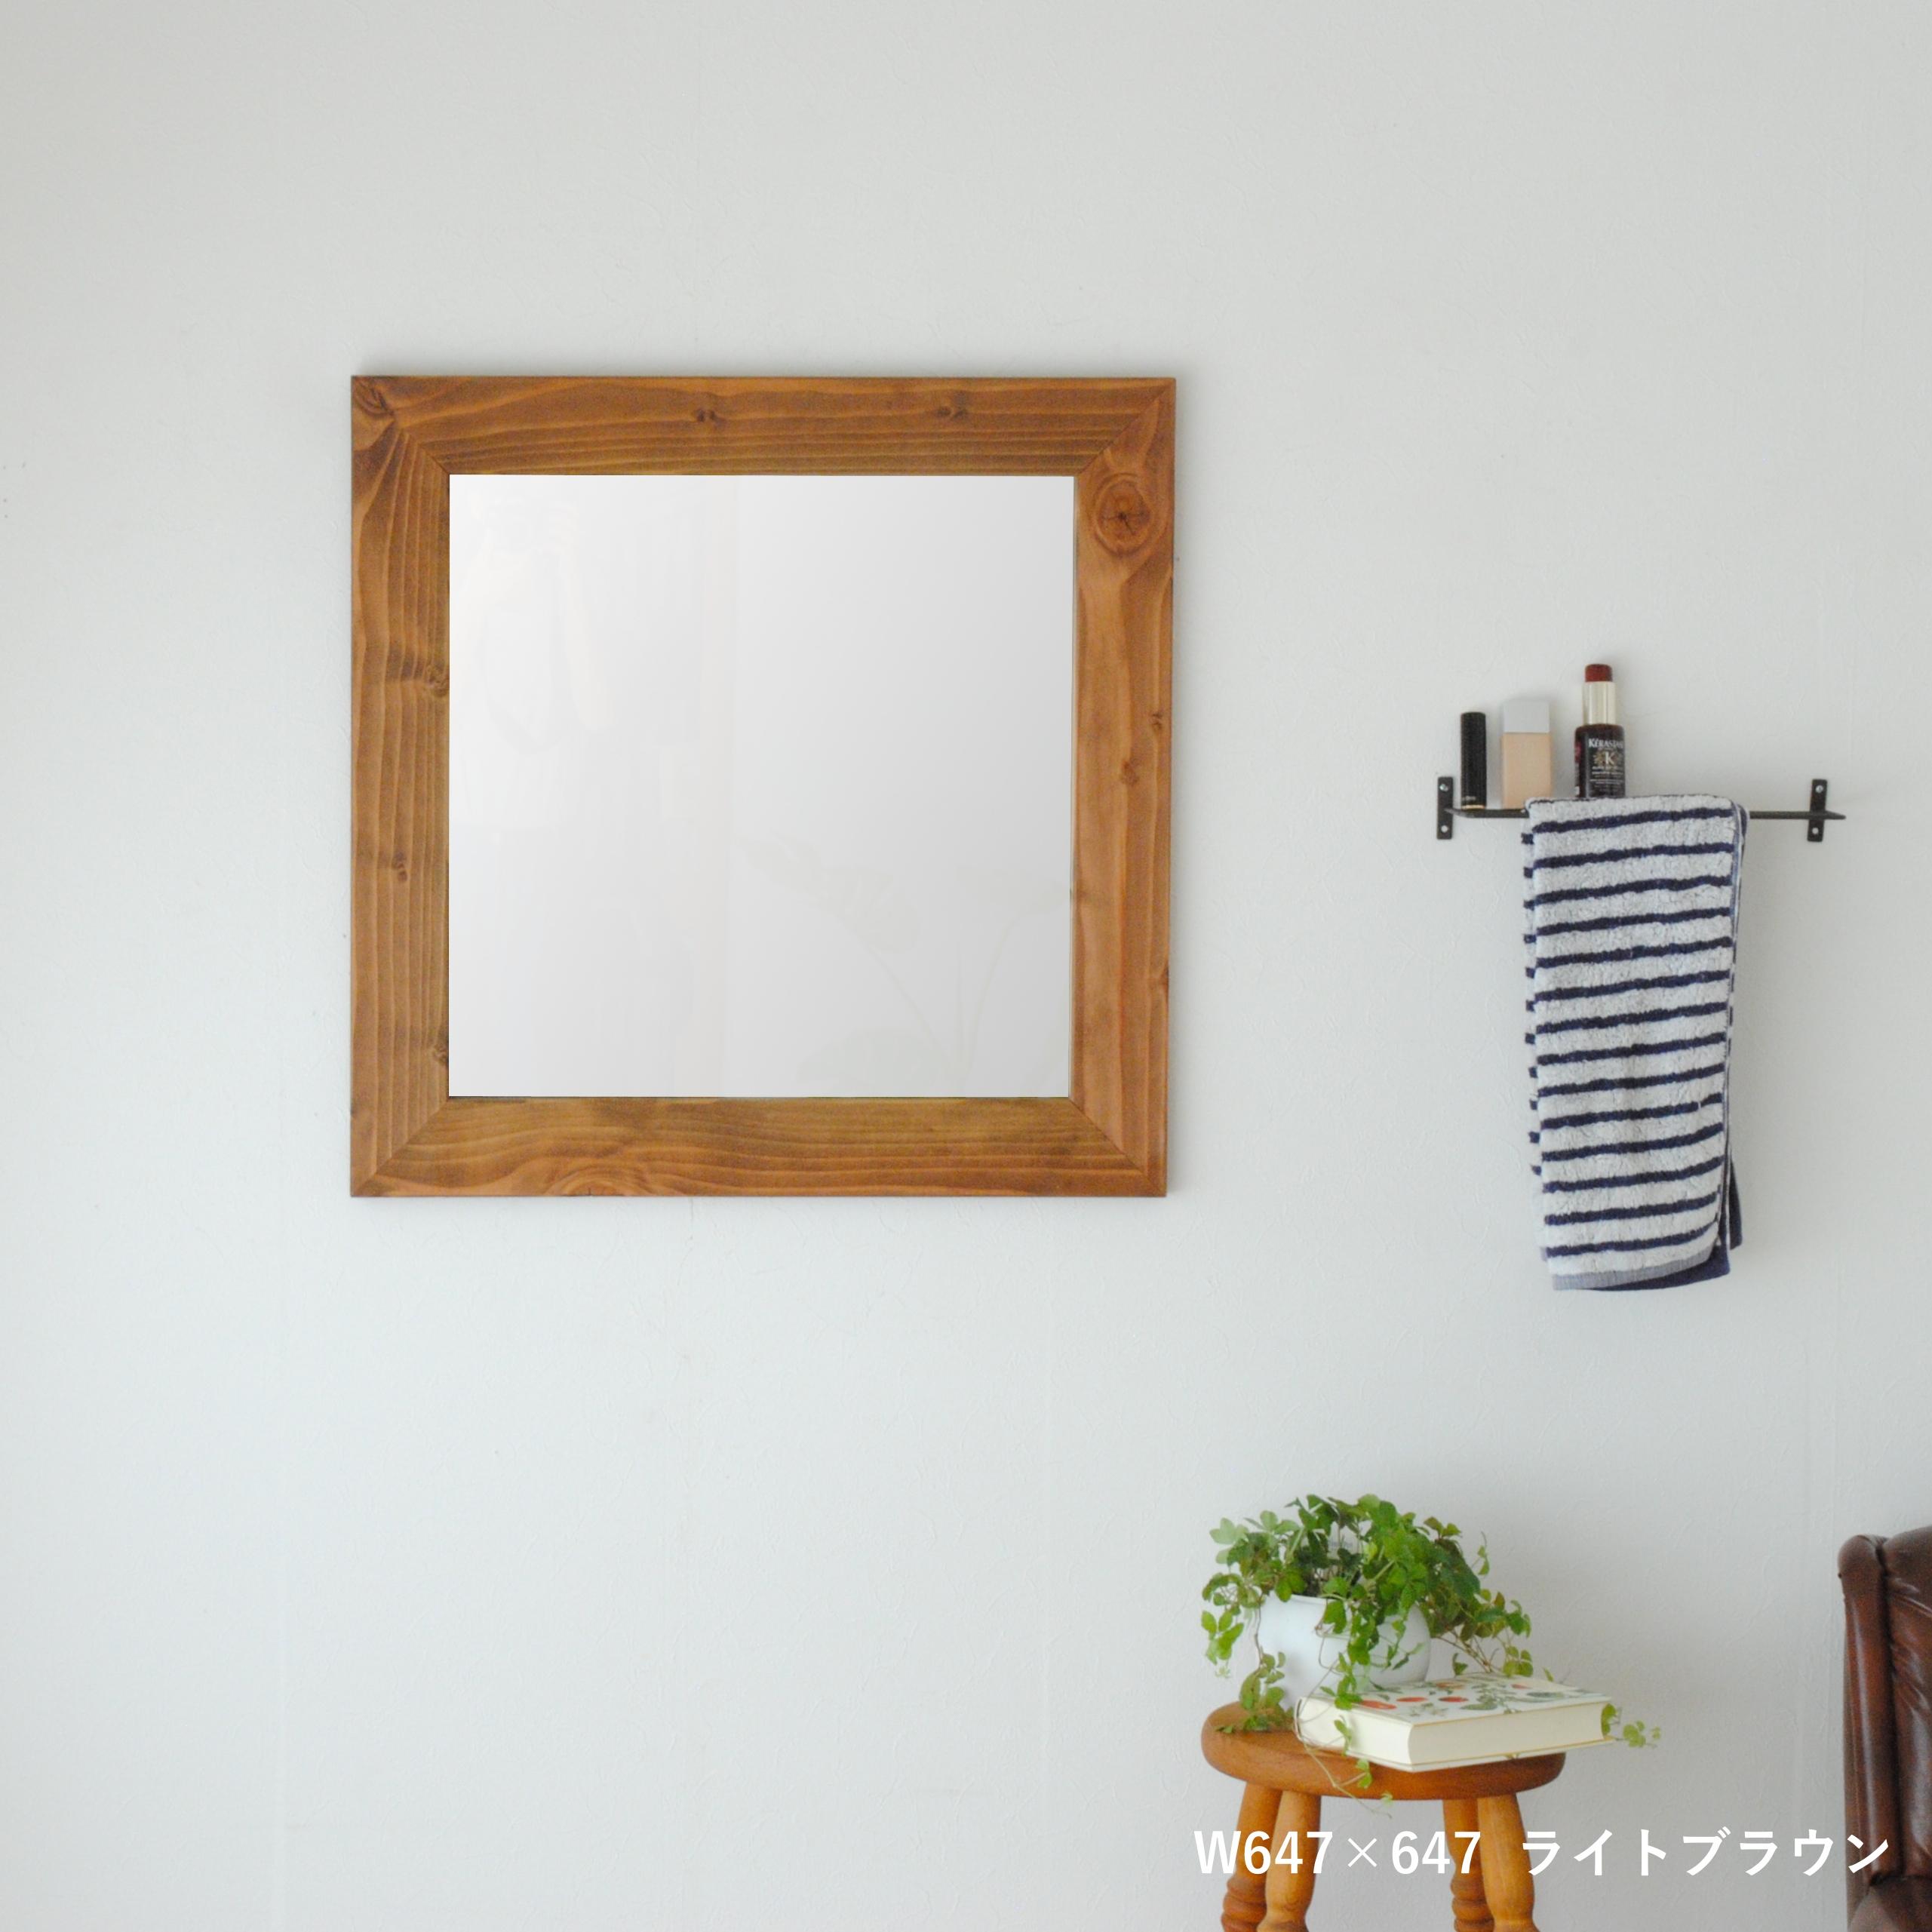 クロノス  ウォールミラー W645×645 壁掛け 全身 鏡 アンティーク調 日本製  ライトブラウン ダークブラウン ホワイト